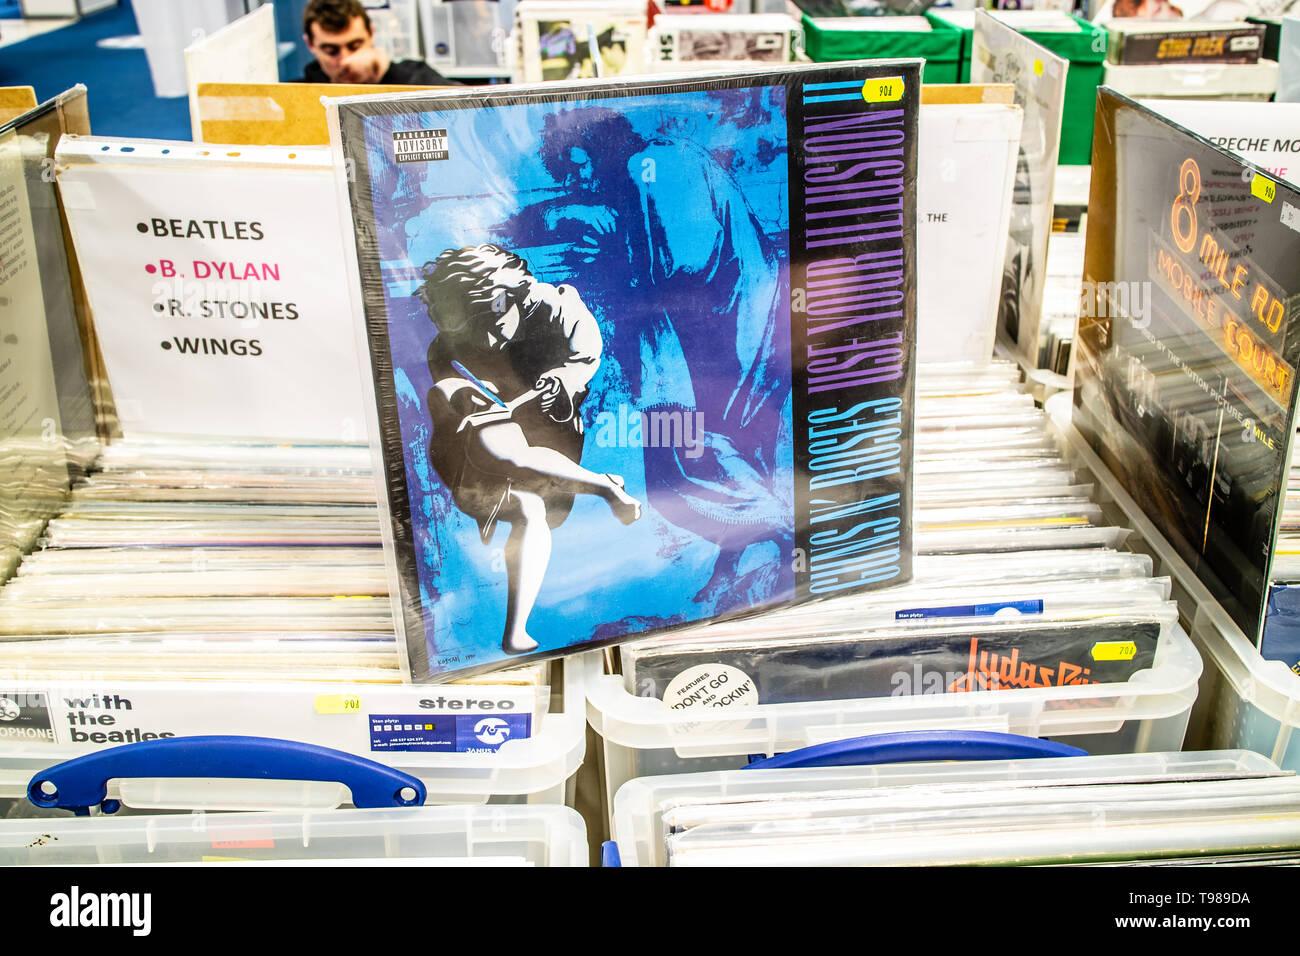 Duff Mckagan Stock Photos & Duff Mckagan Stock Images - Alamy